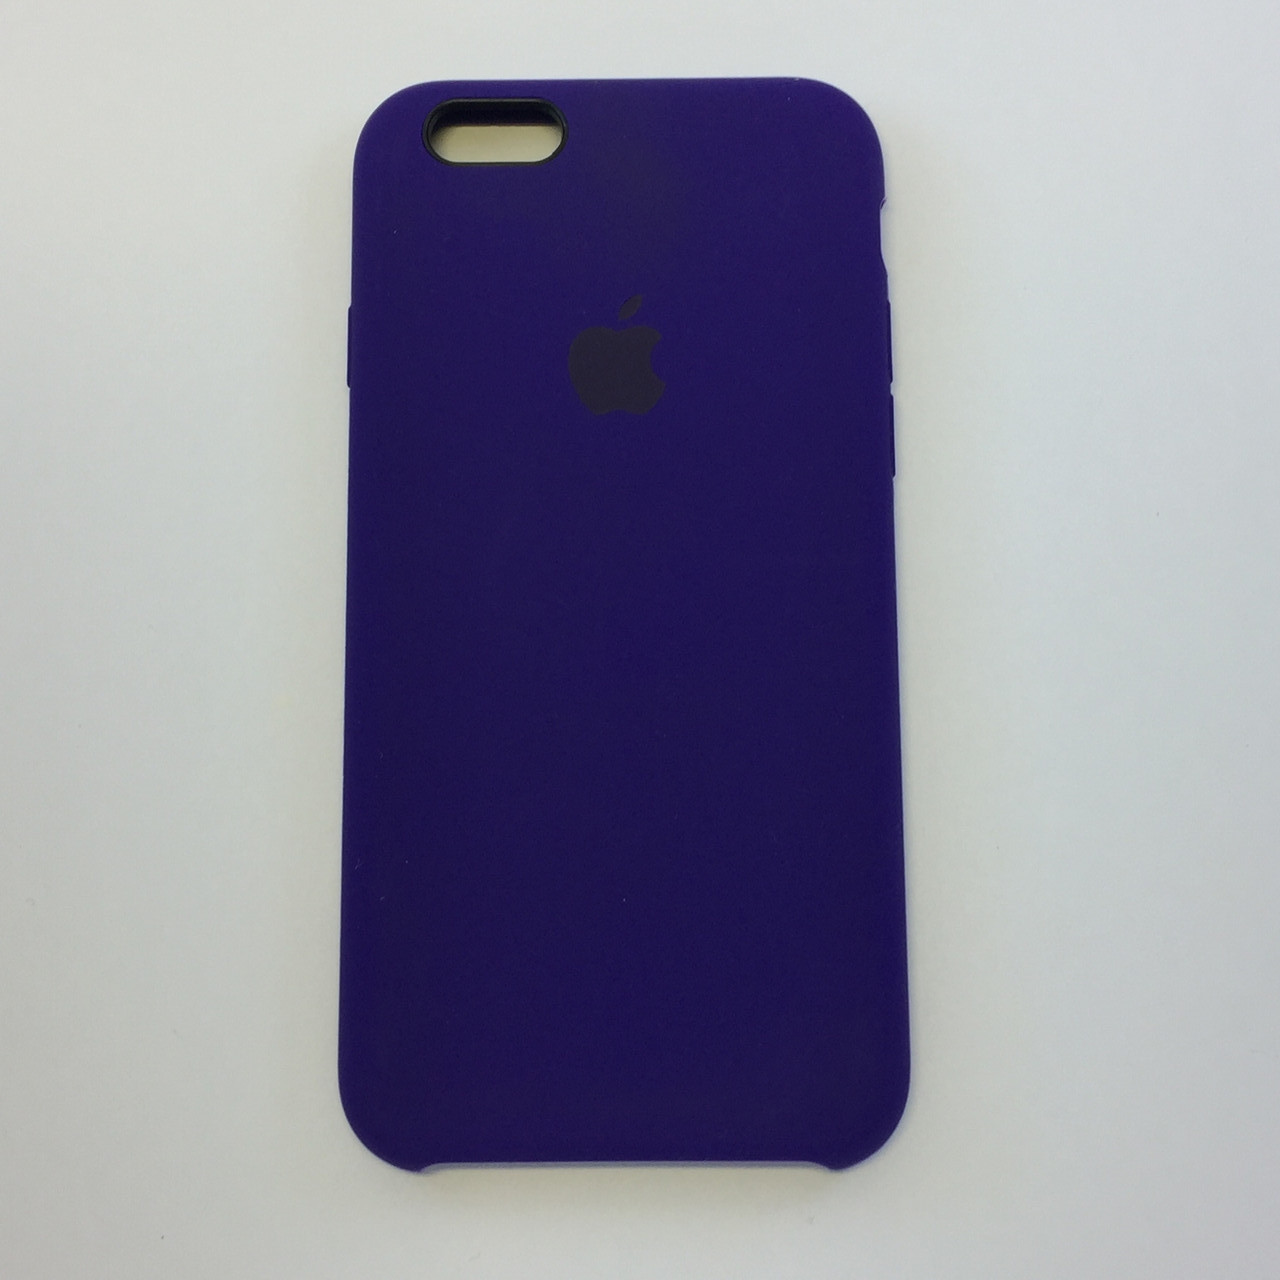 Силиконовый чехол для iPhone 6/6s, - «ультрафиолет» - copy original